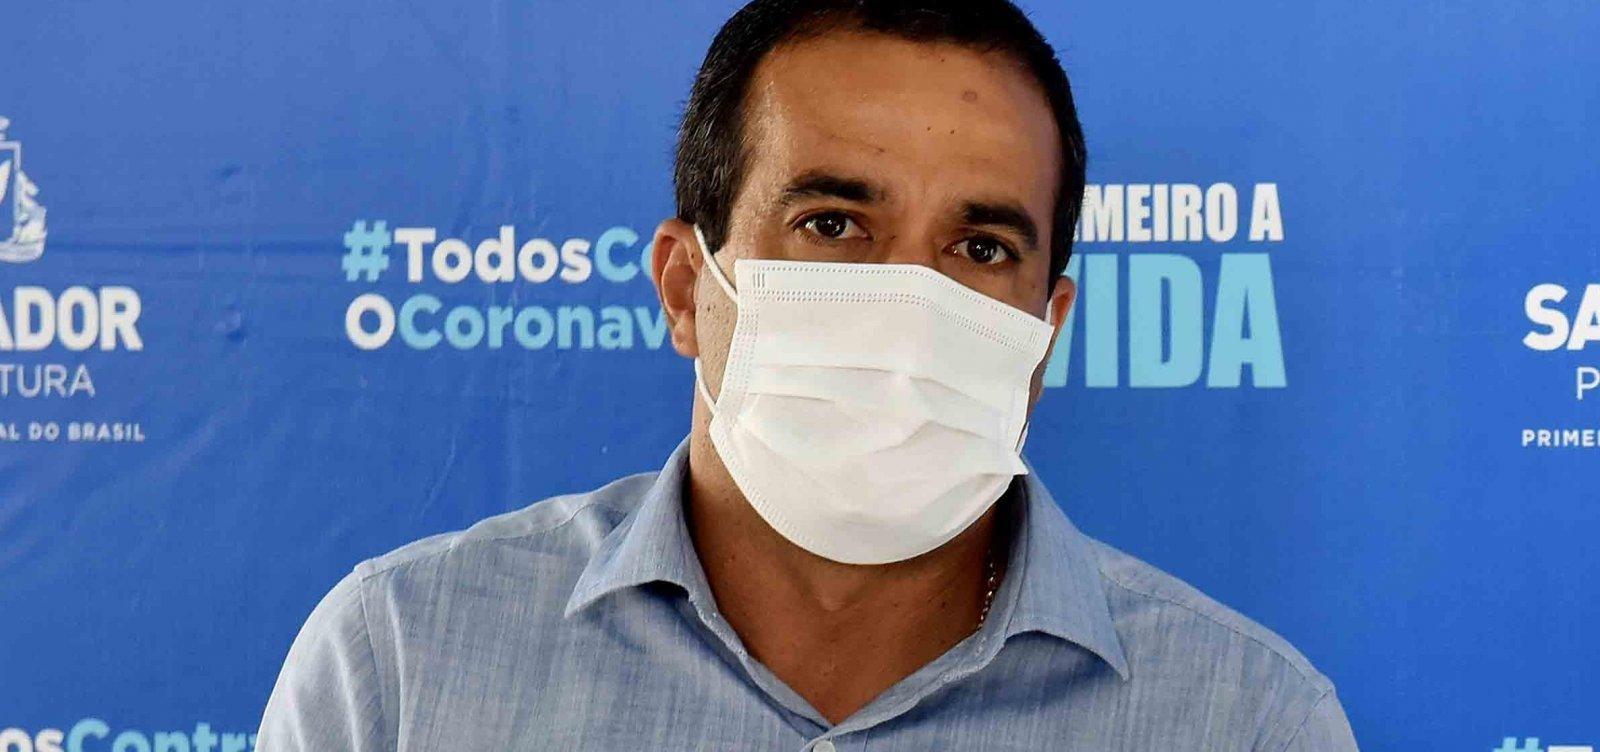 [Prefeitura de Salvador desativa totalmente fase 3 de retomada da economia]